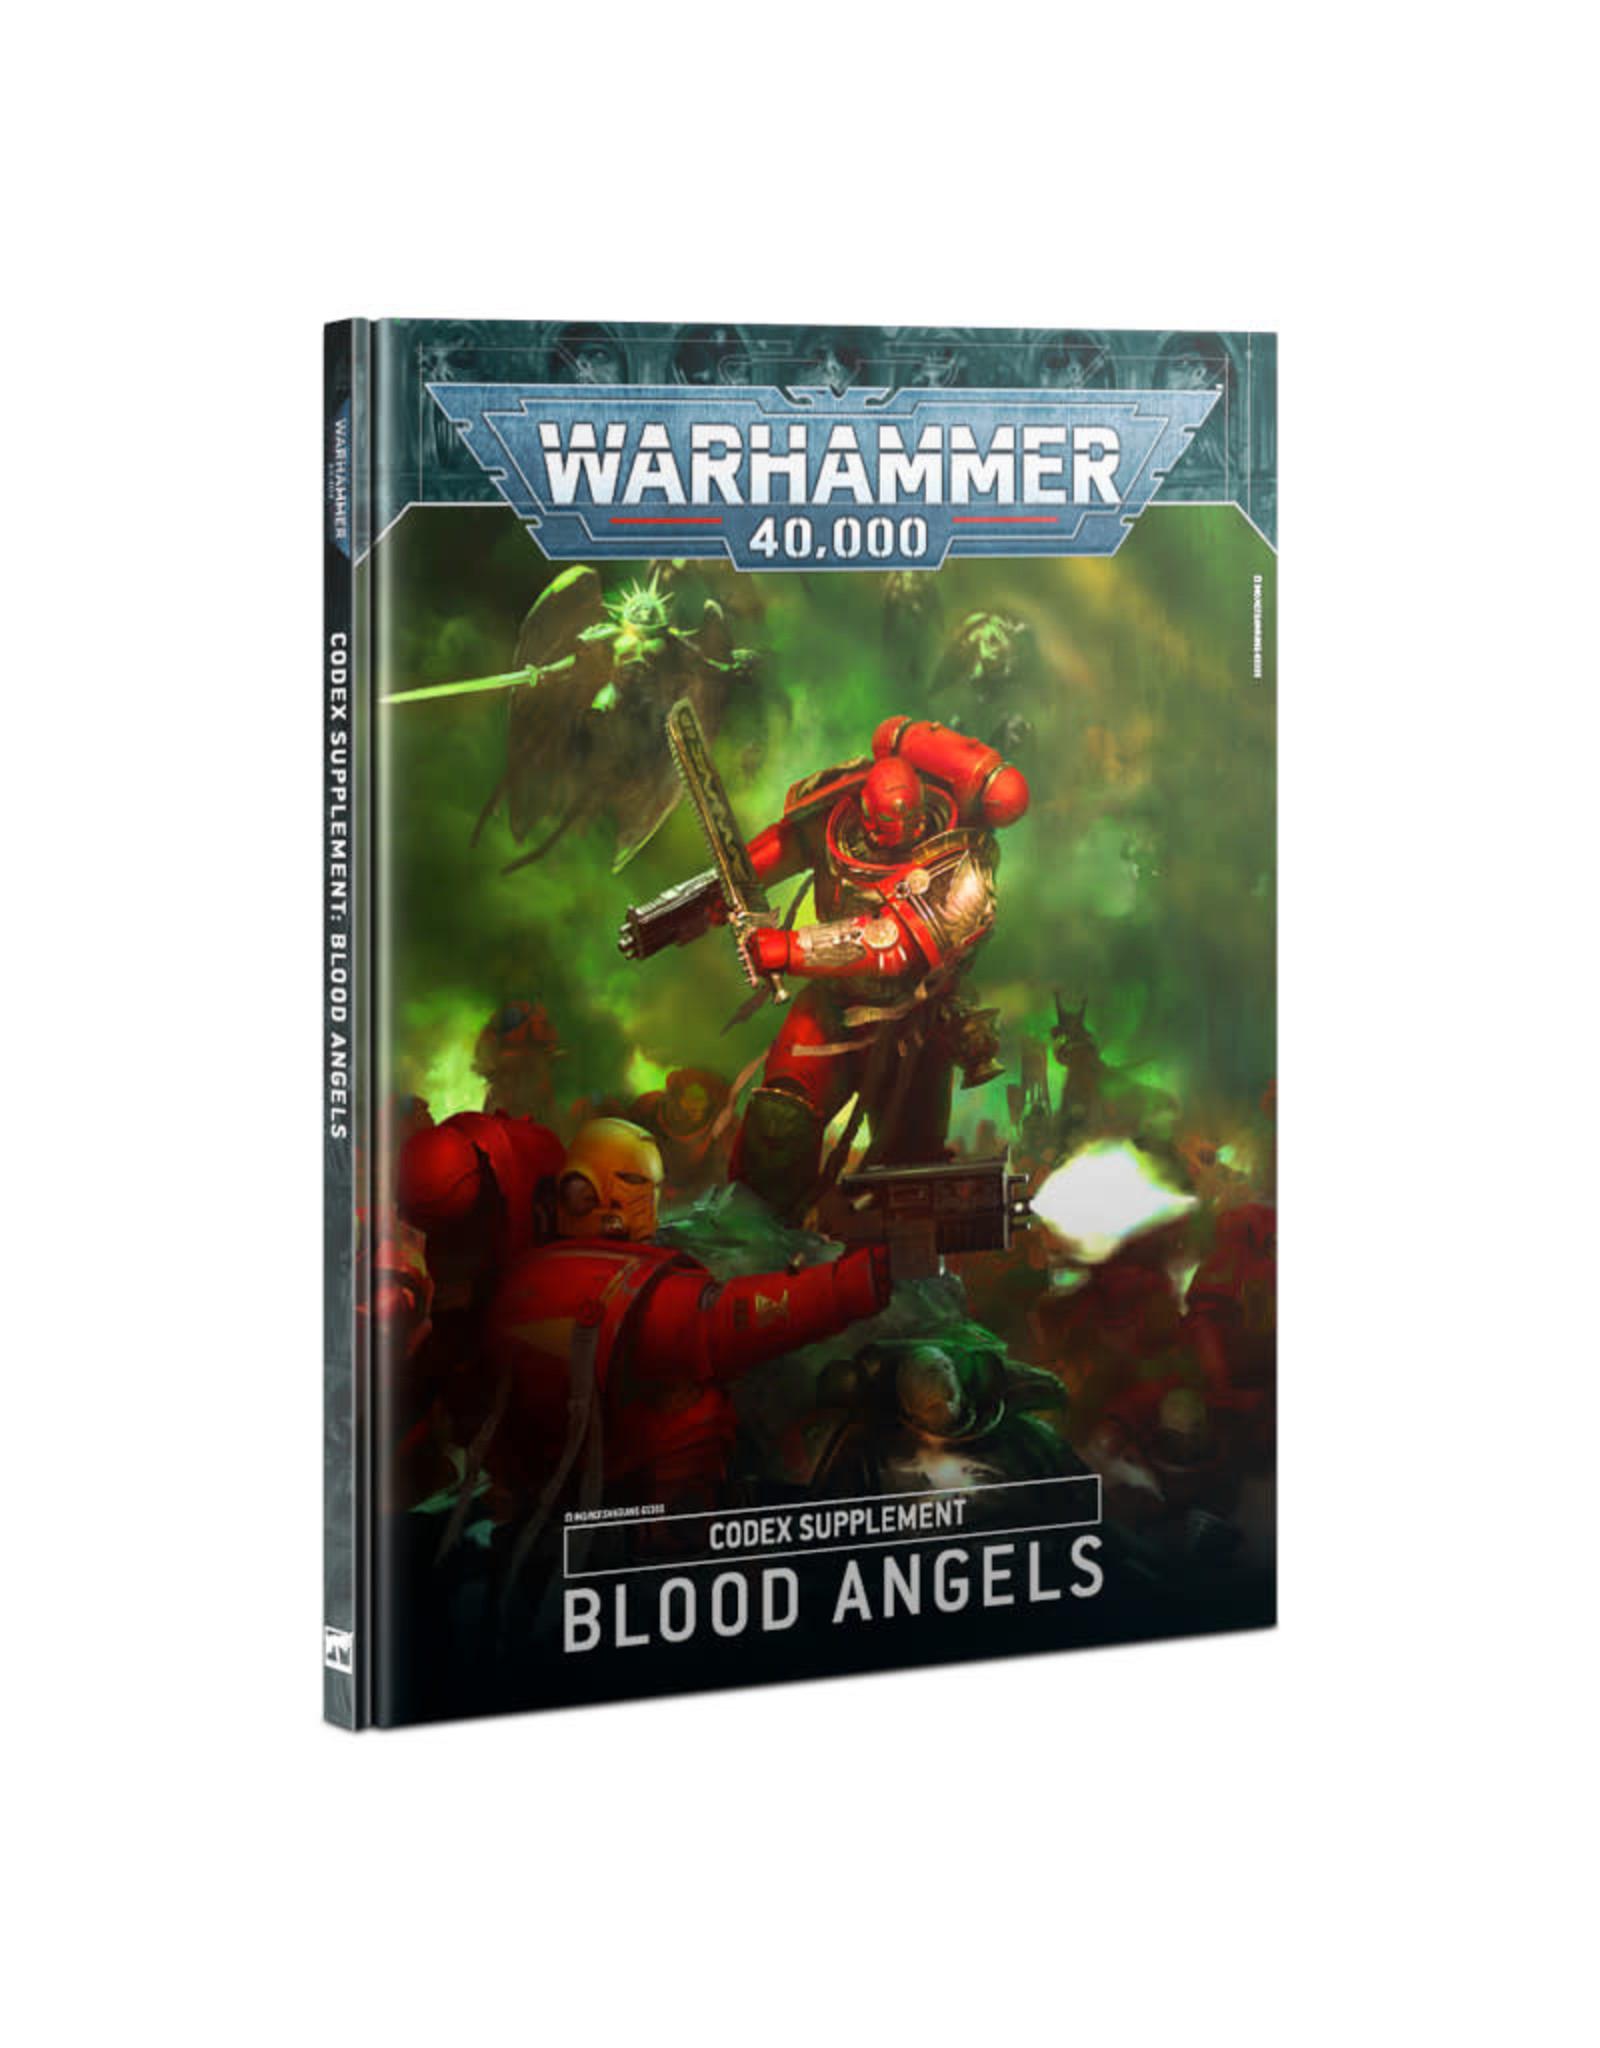 Games Workshop Warhammer 40k Codex Supplement: Blood Angels (9th)